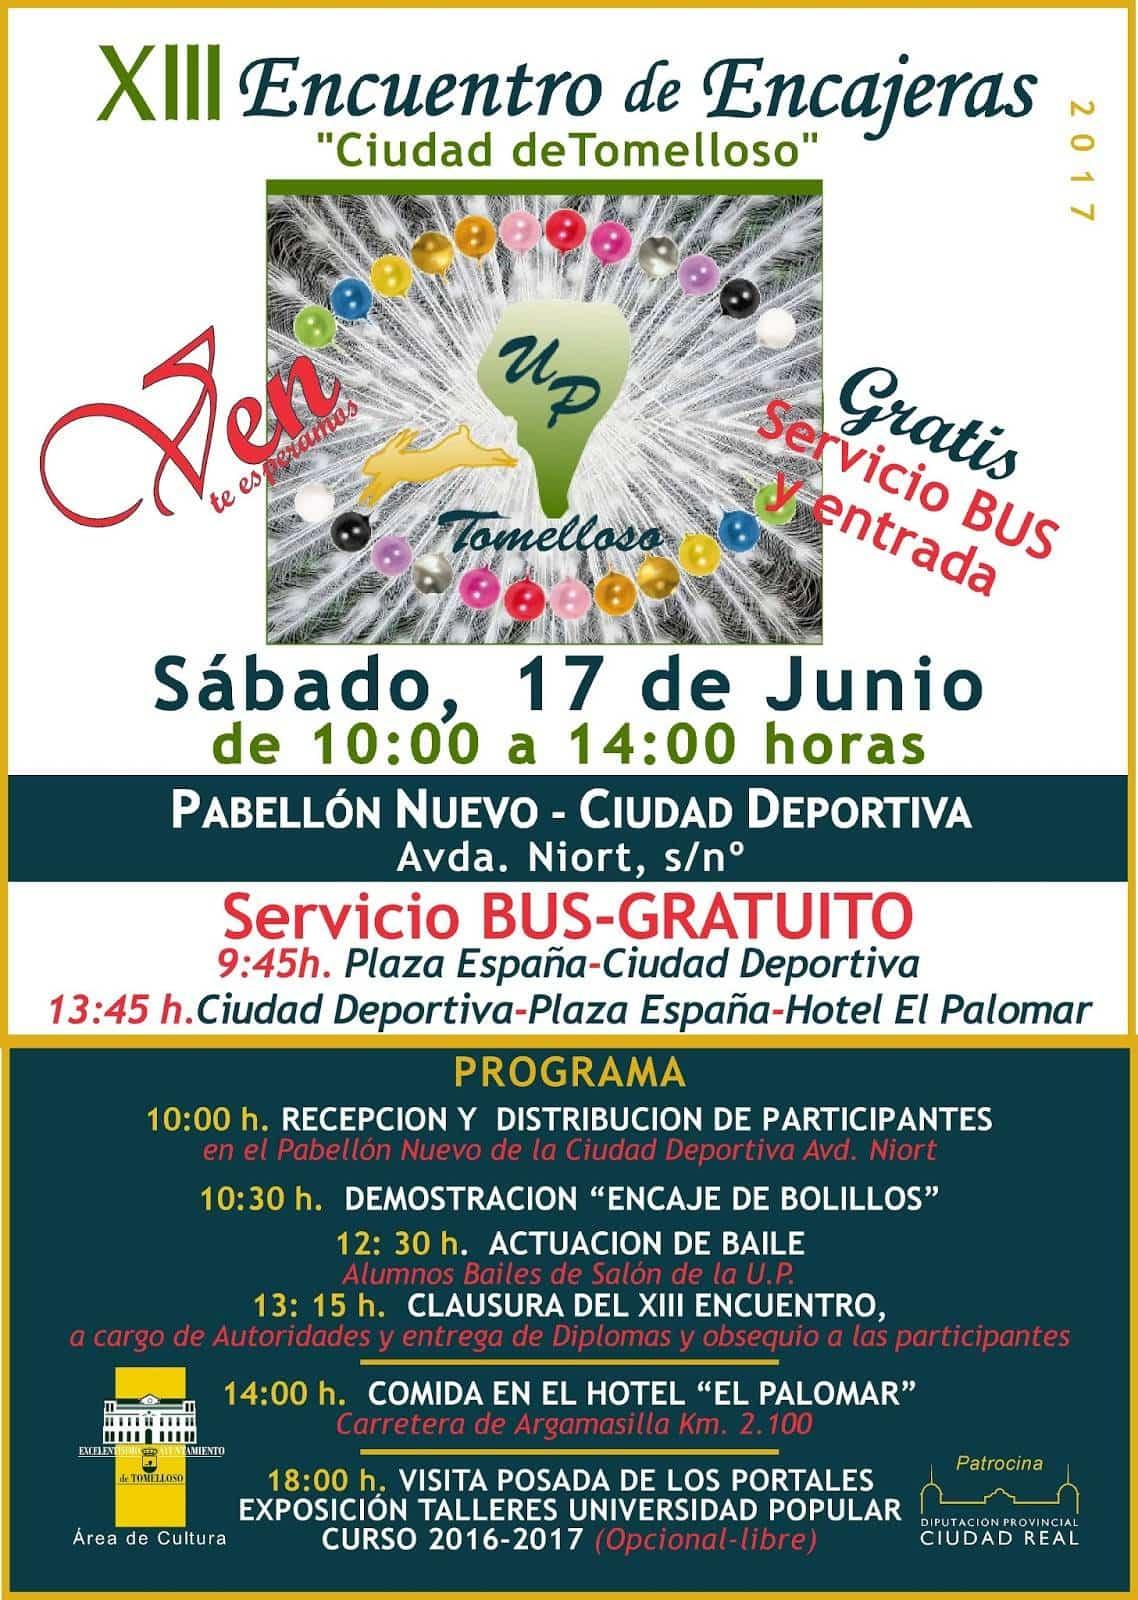 programa de encuentro encajeras tomelloso - Más de 300 encajeras participarán en el XIII Encuentro de la Universidad Popular